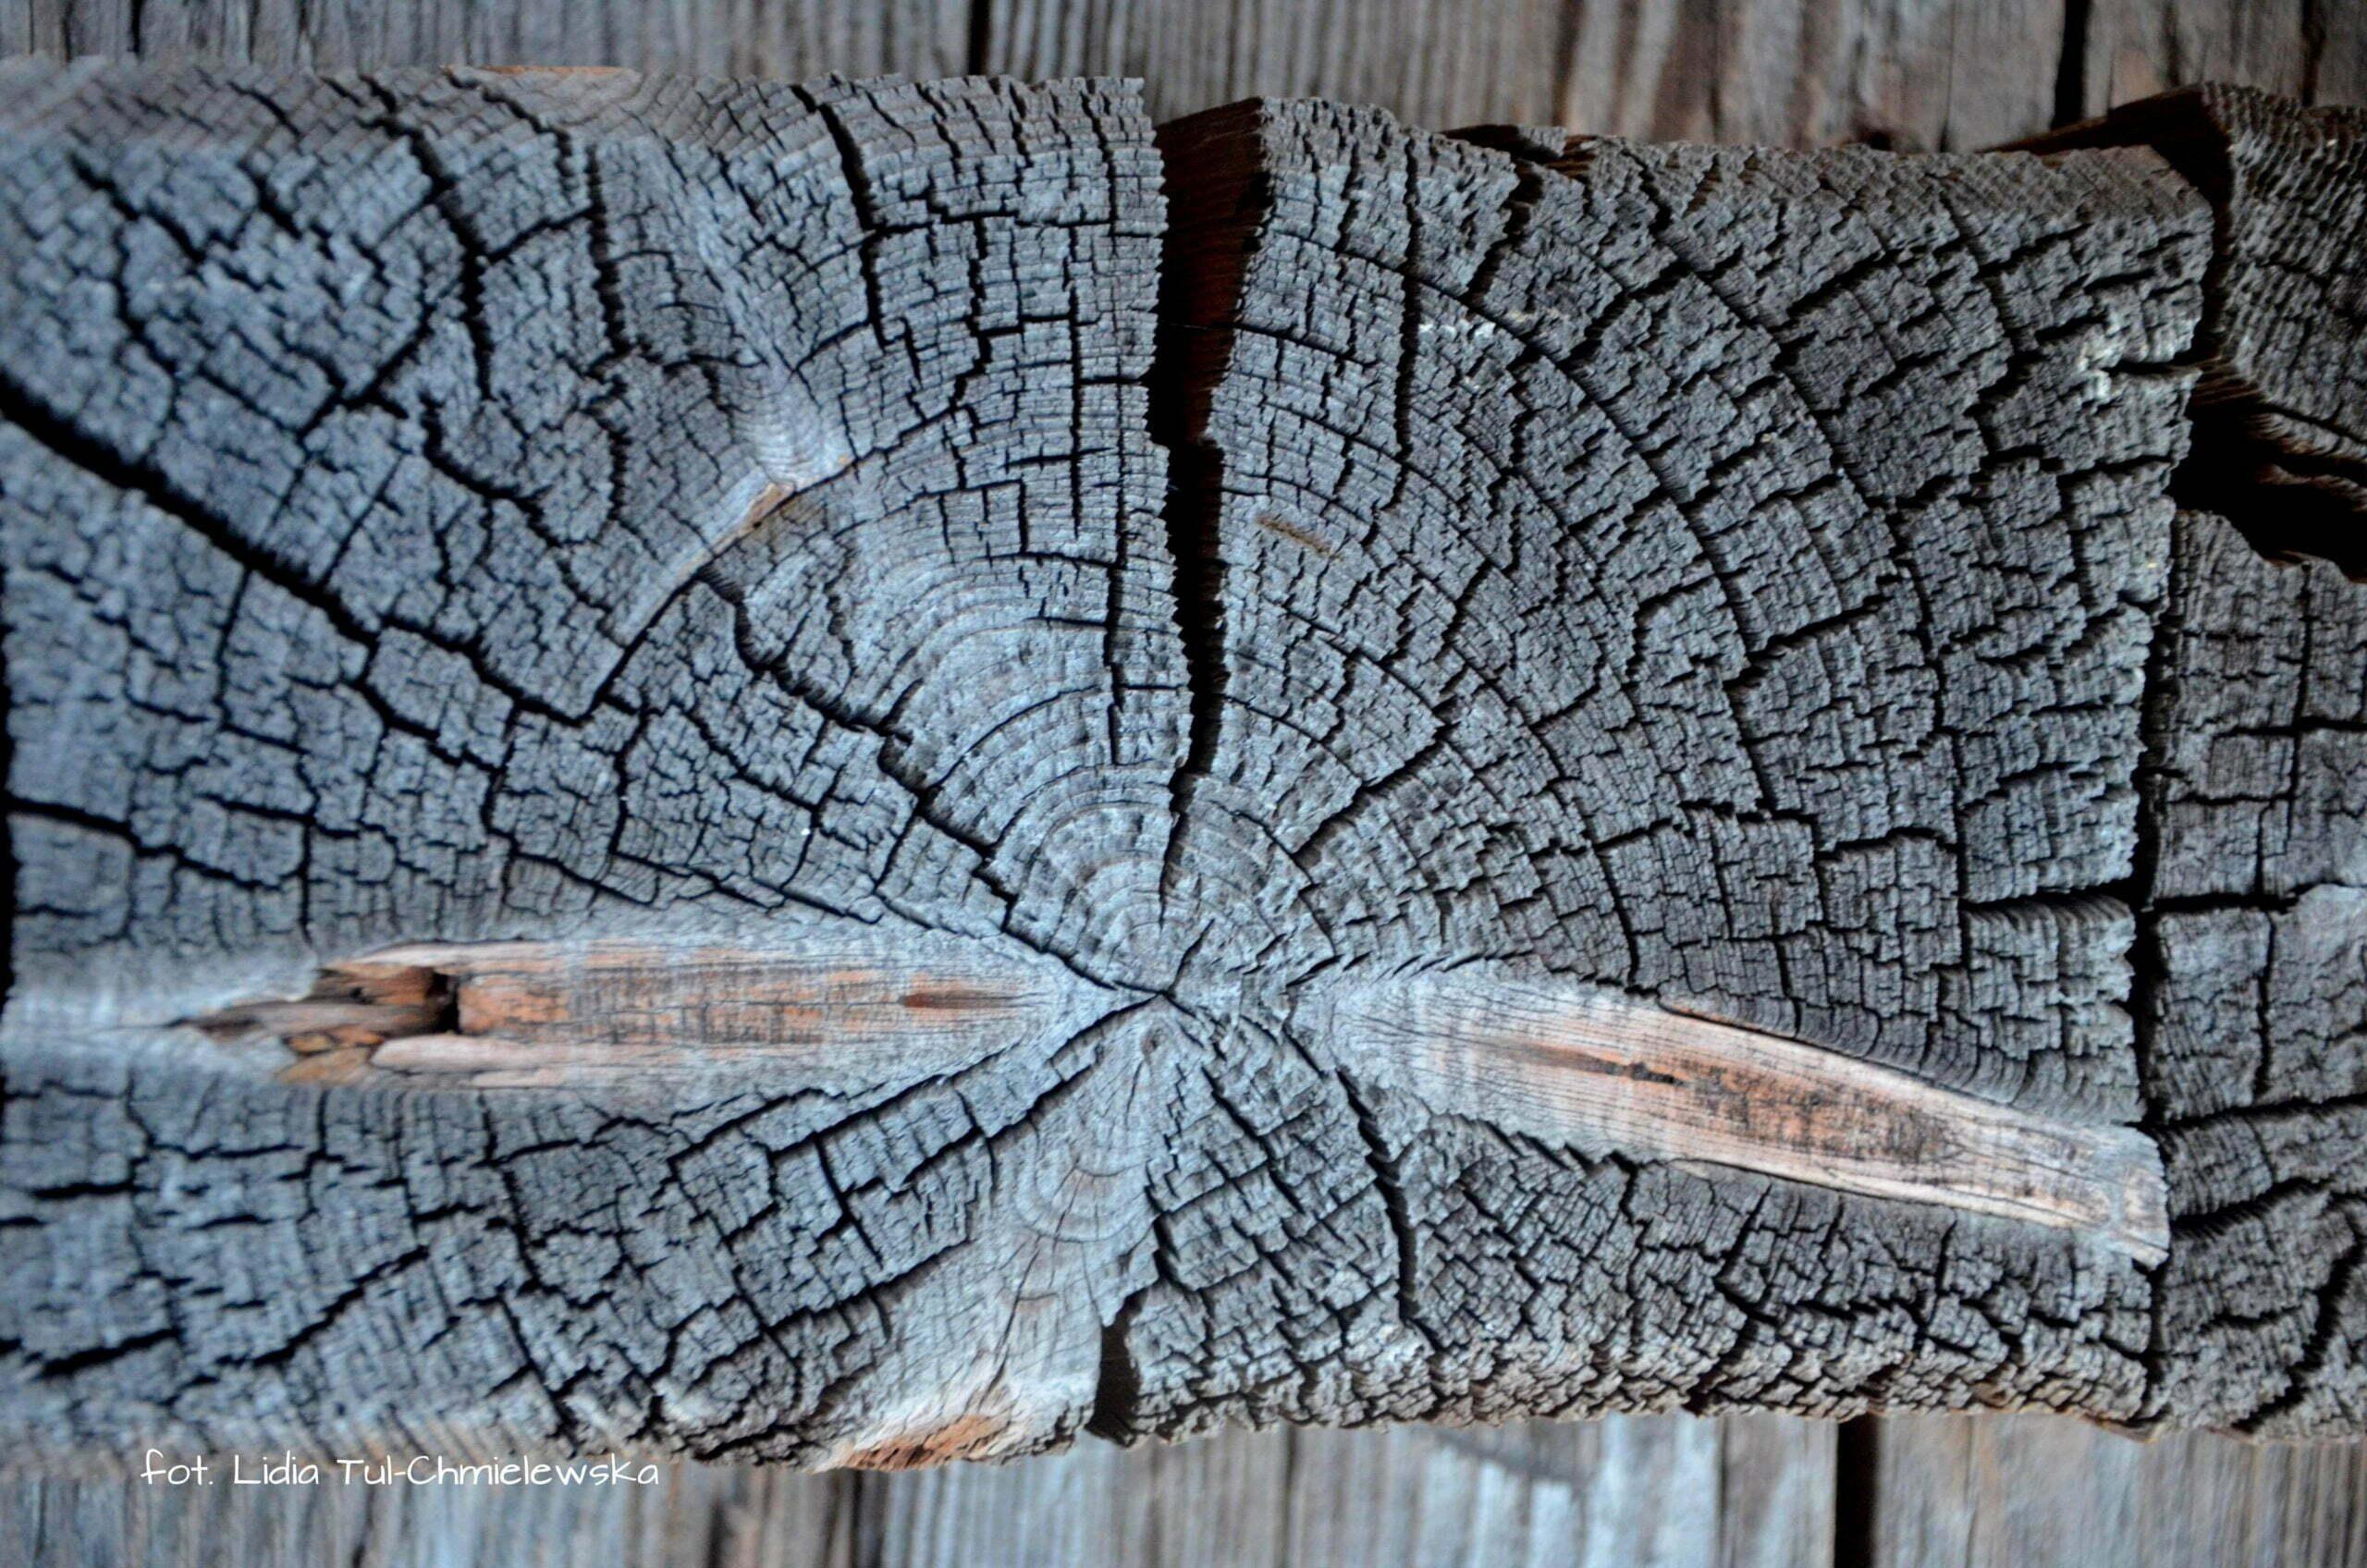 Drewno cerkwi które przetrwało wieki fot. Lidia Tul-Chmielewska